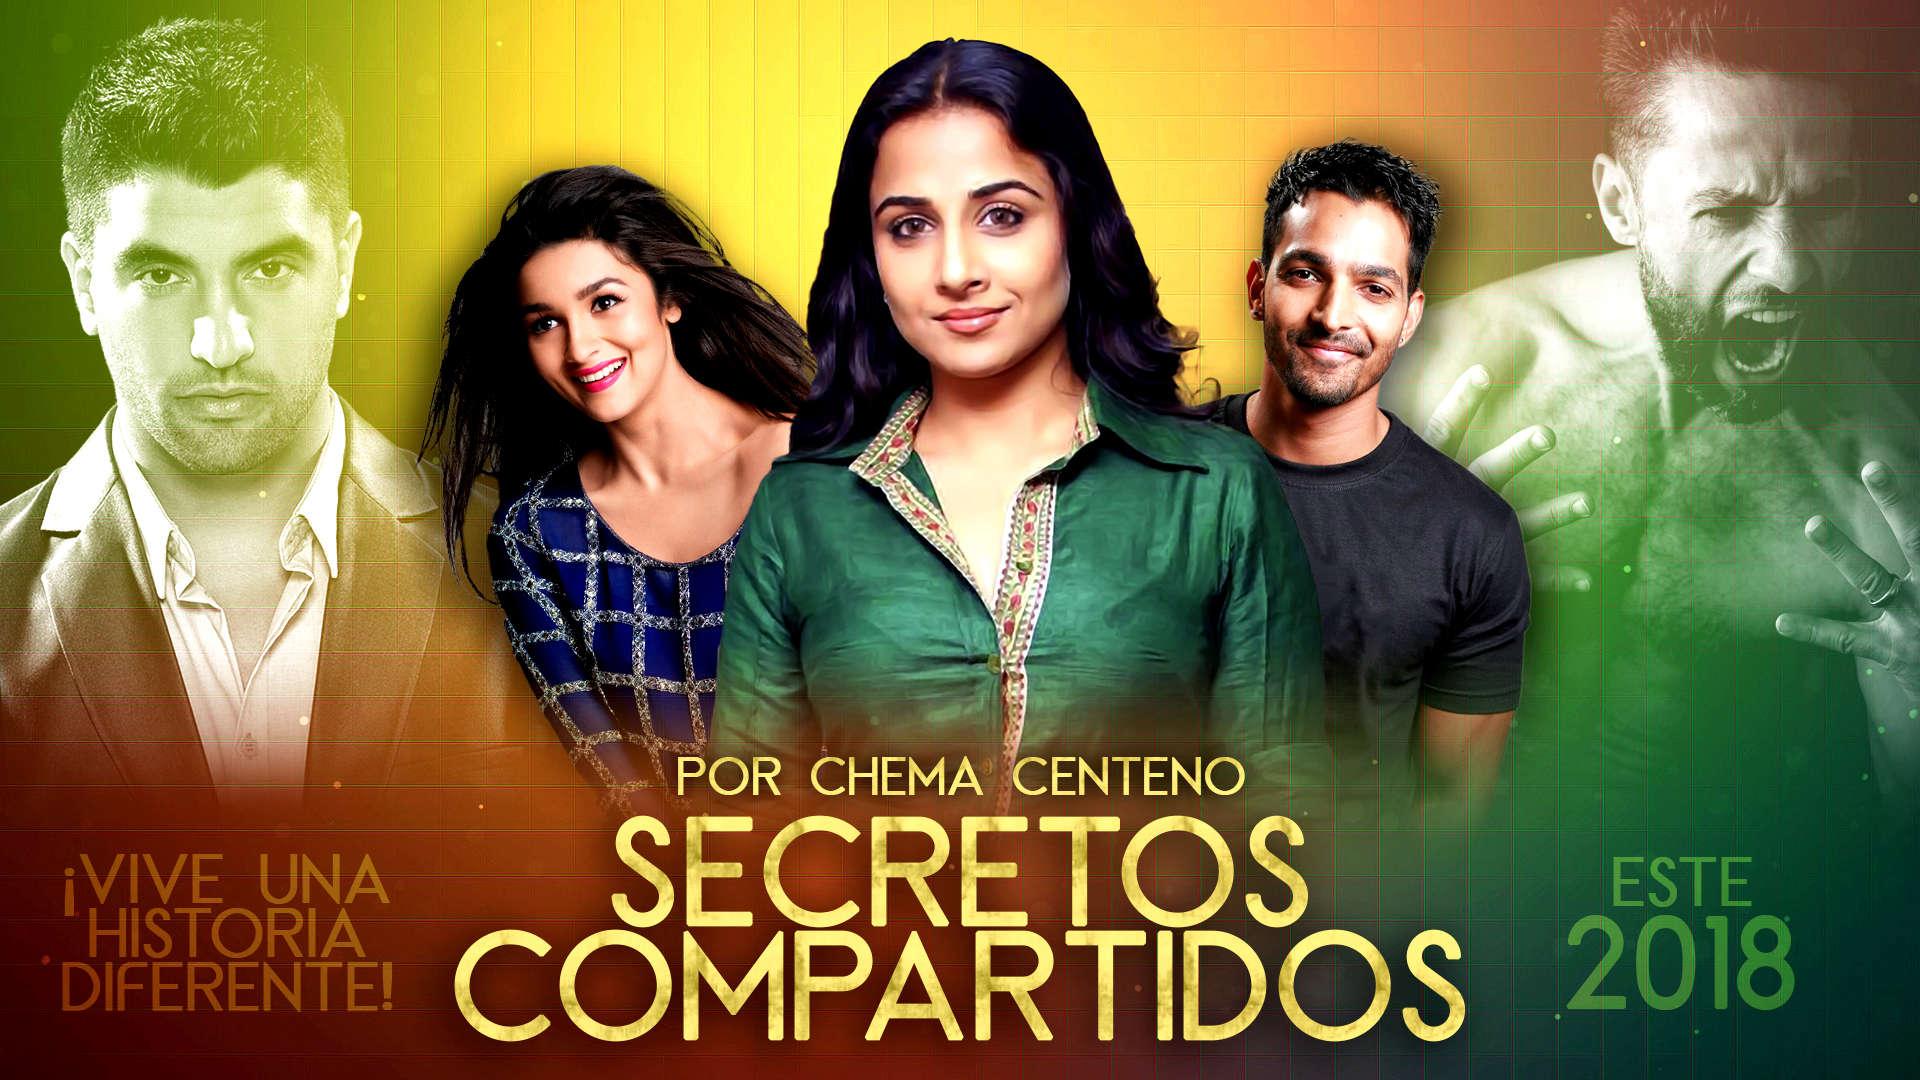 SECRETOS COMPARTIDOS |PRIMER AVANCE EN EL SITIO WEB| Promoc11